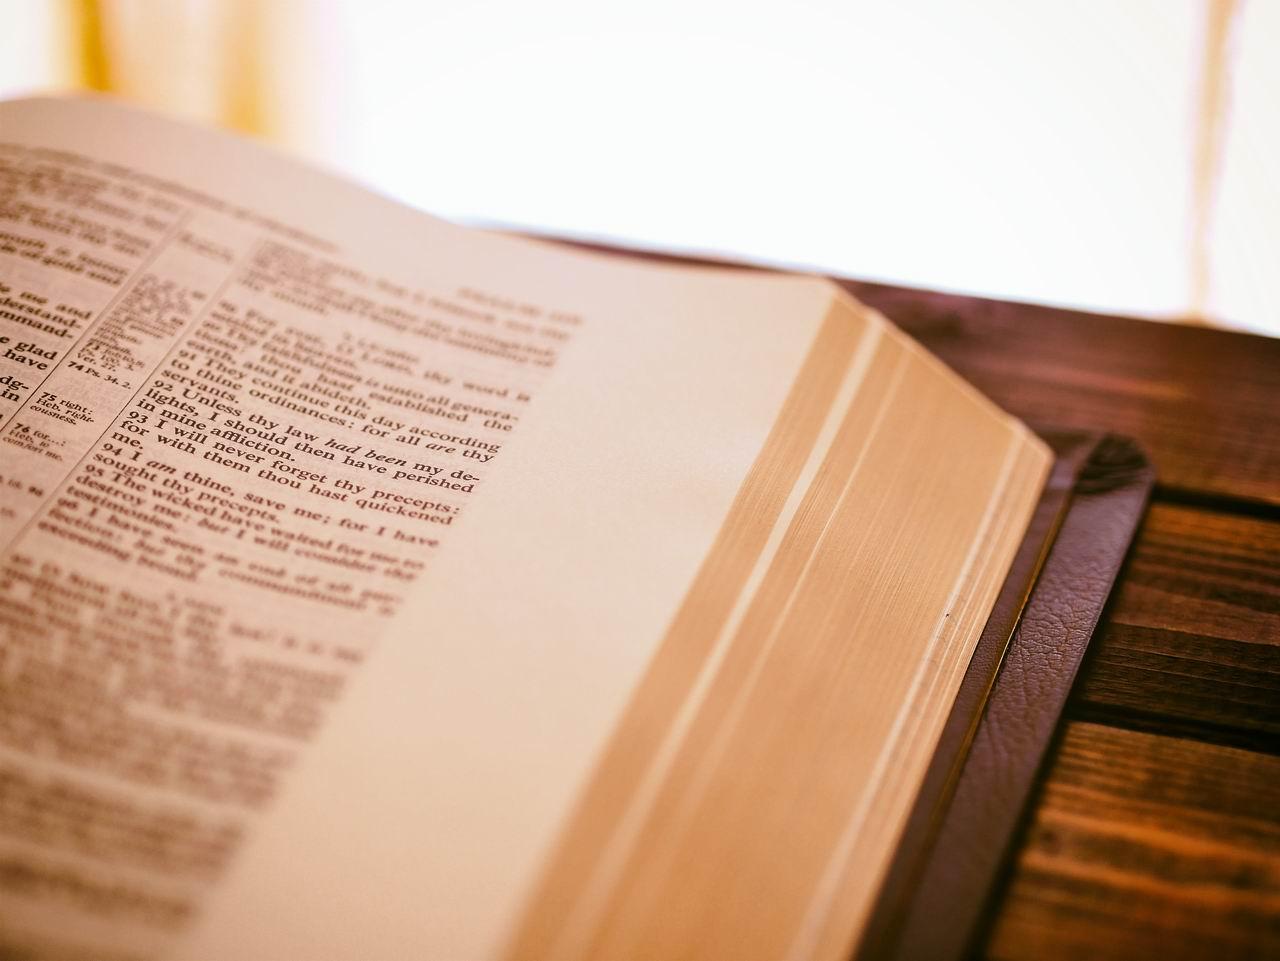 «ΣΤΗΝ …ΠΕΝΑ» – Ebook του Νίκου Βούστρου – Κατεβάστε το ή διαβάστε το online